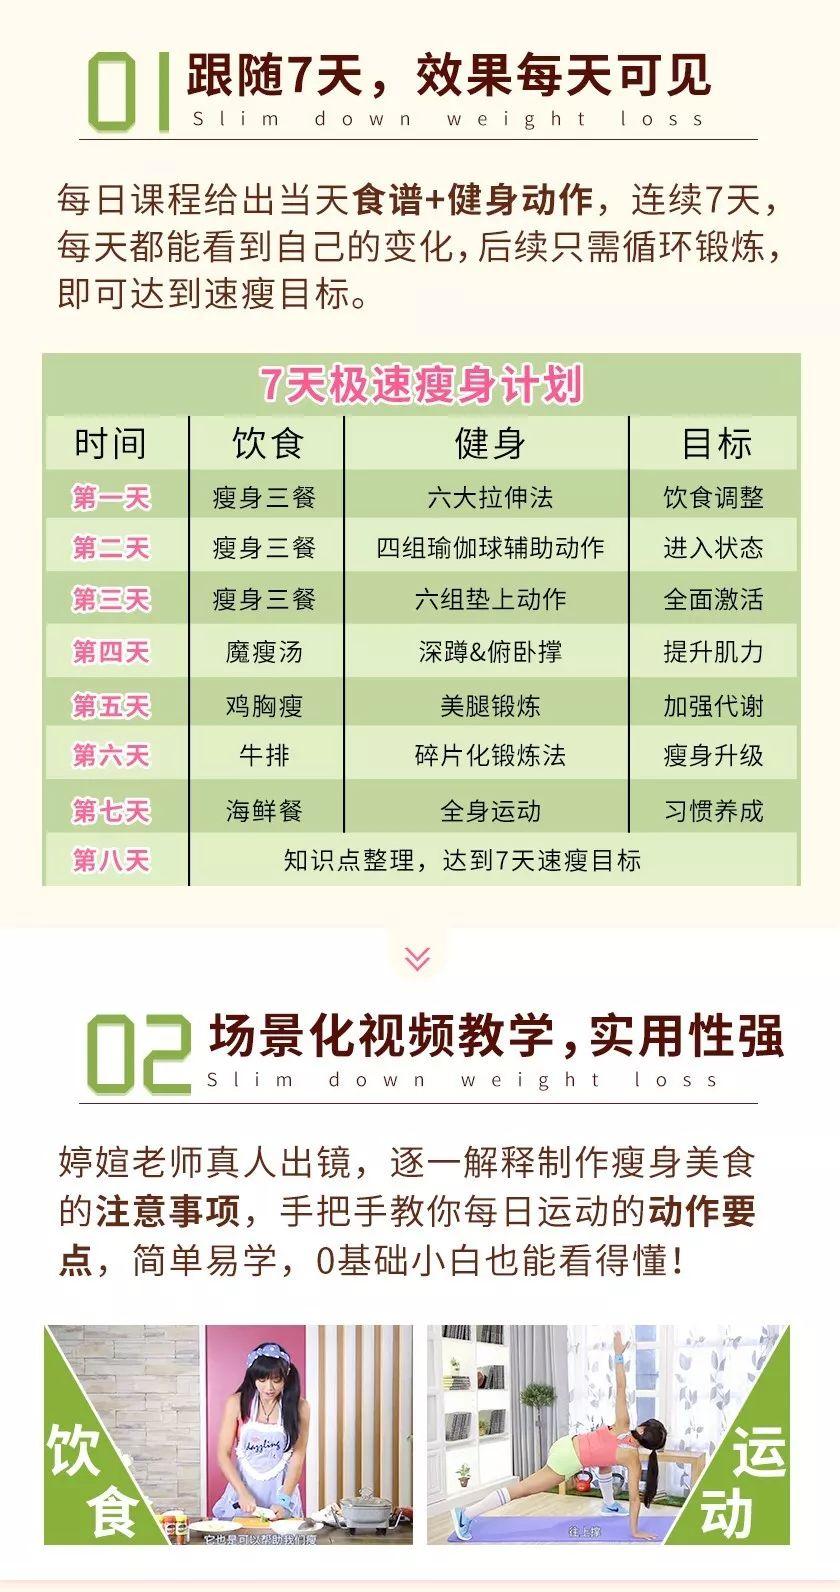 47岁台湾逆龄女神的瘦身秘技:7天居家跟吃跟练狂甩近10斤,轻松雕刻马甲线!-第22张图片-爱课啦